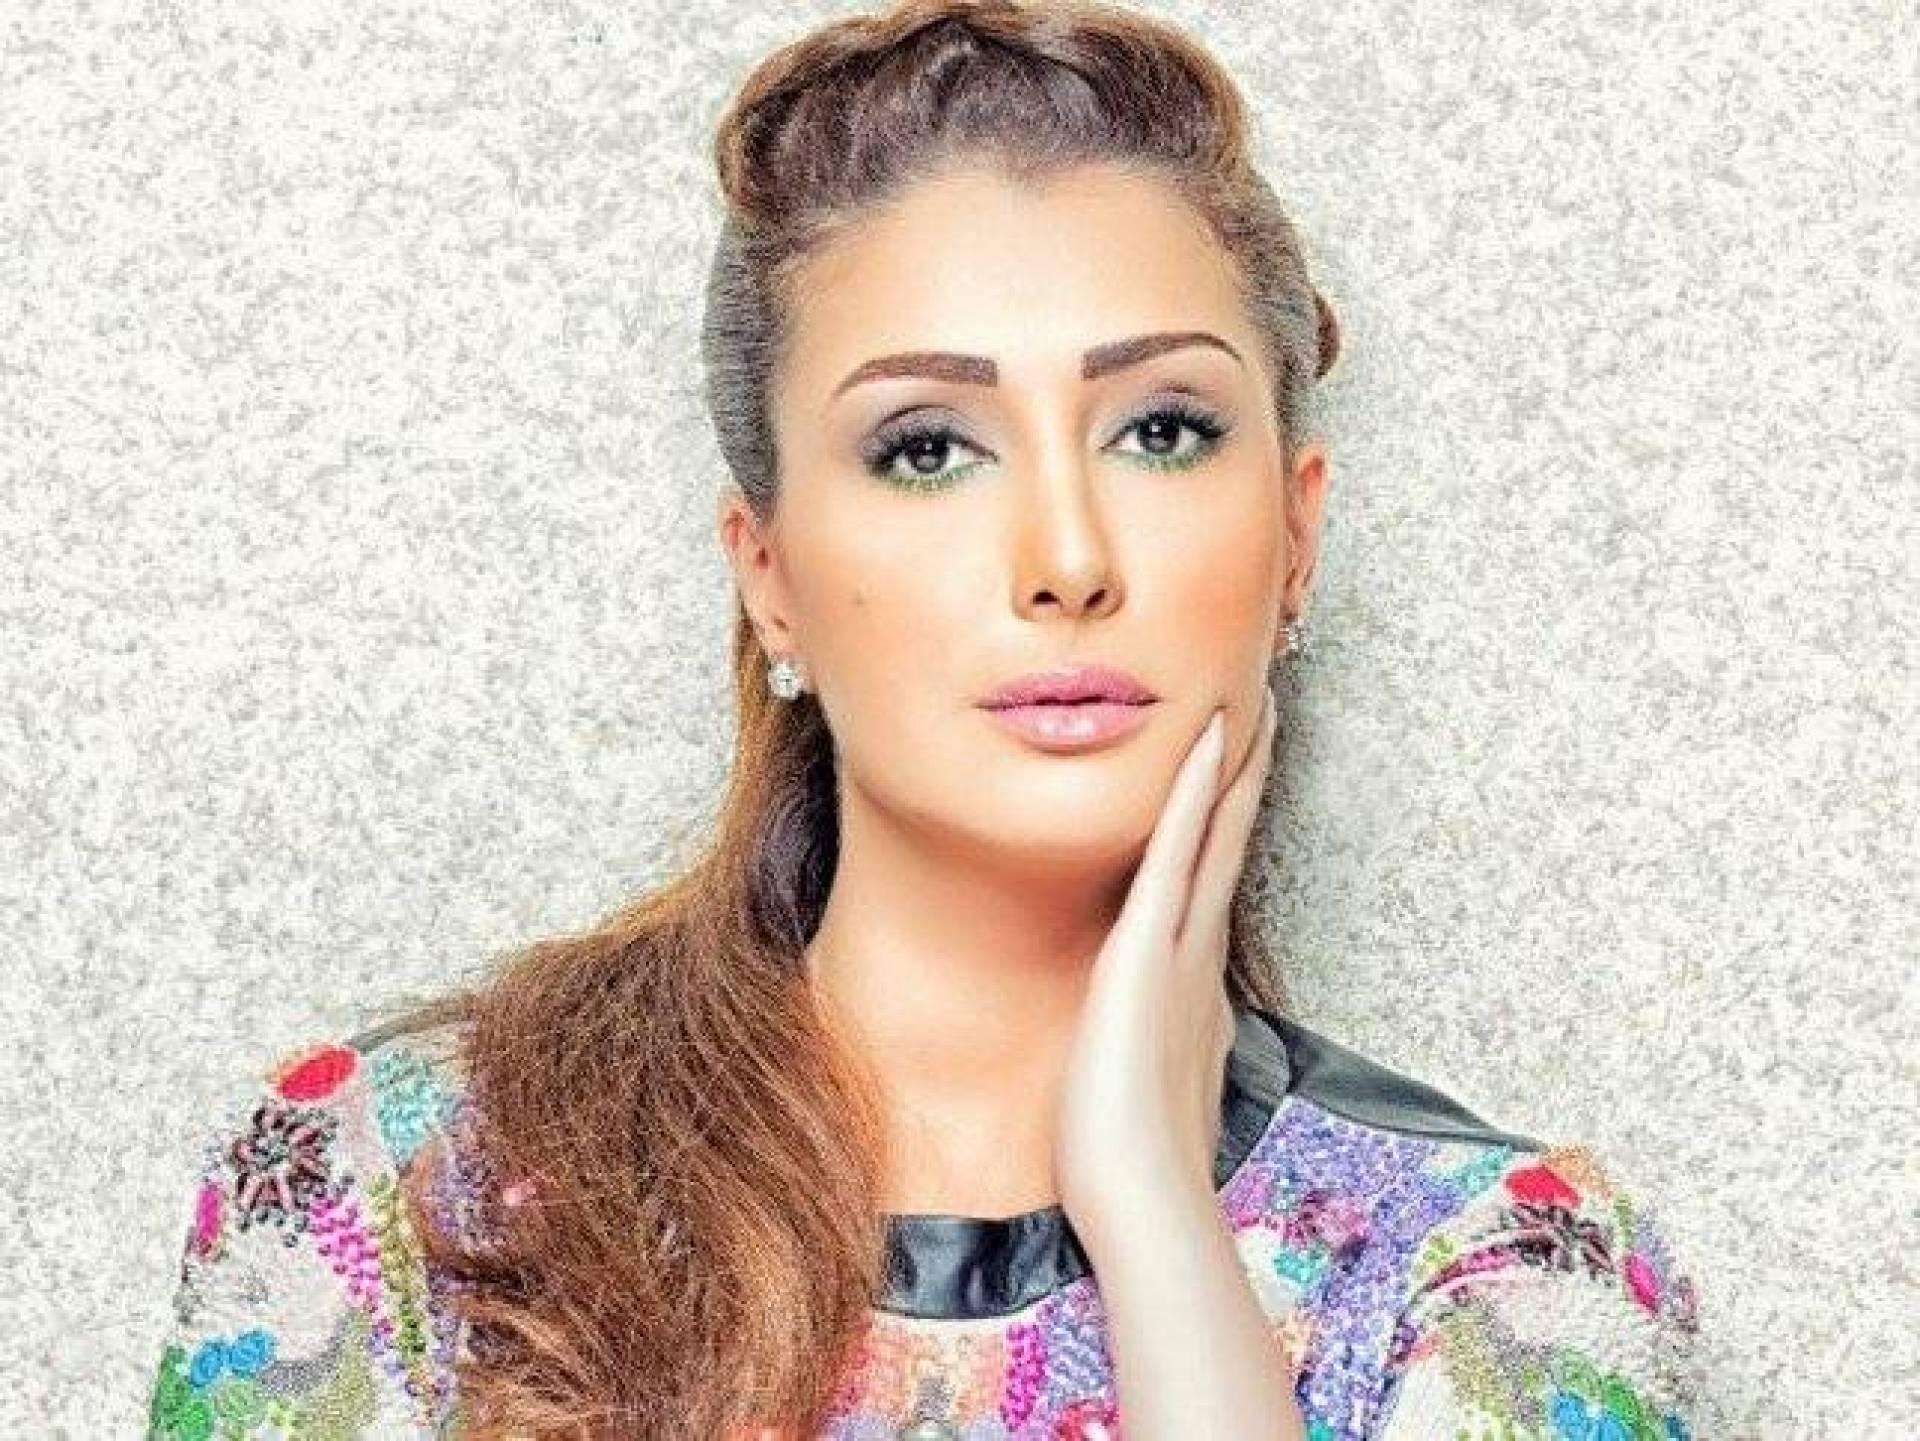 بعد براءتها من الفعل الفاضح- غادة عبد الرازق تواجه شائعة جديدة   Laha Magazine